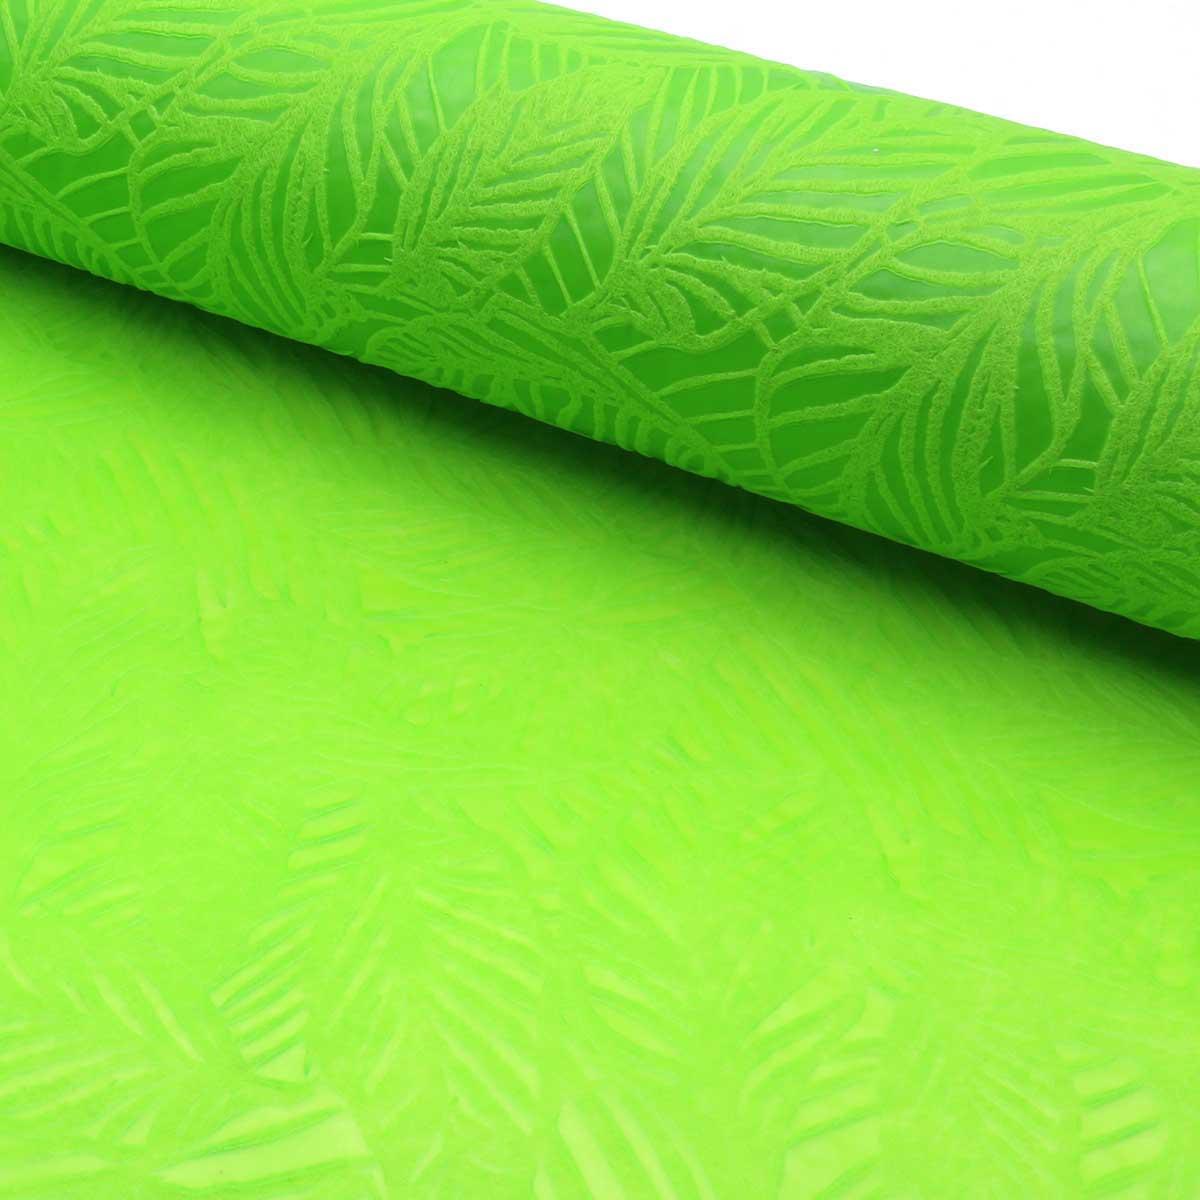 AR1104-2 Материал упаковочный декоративный флористический салатовый, 48см*4,57м